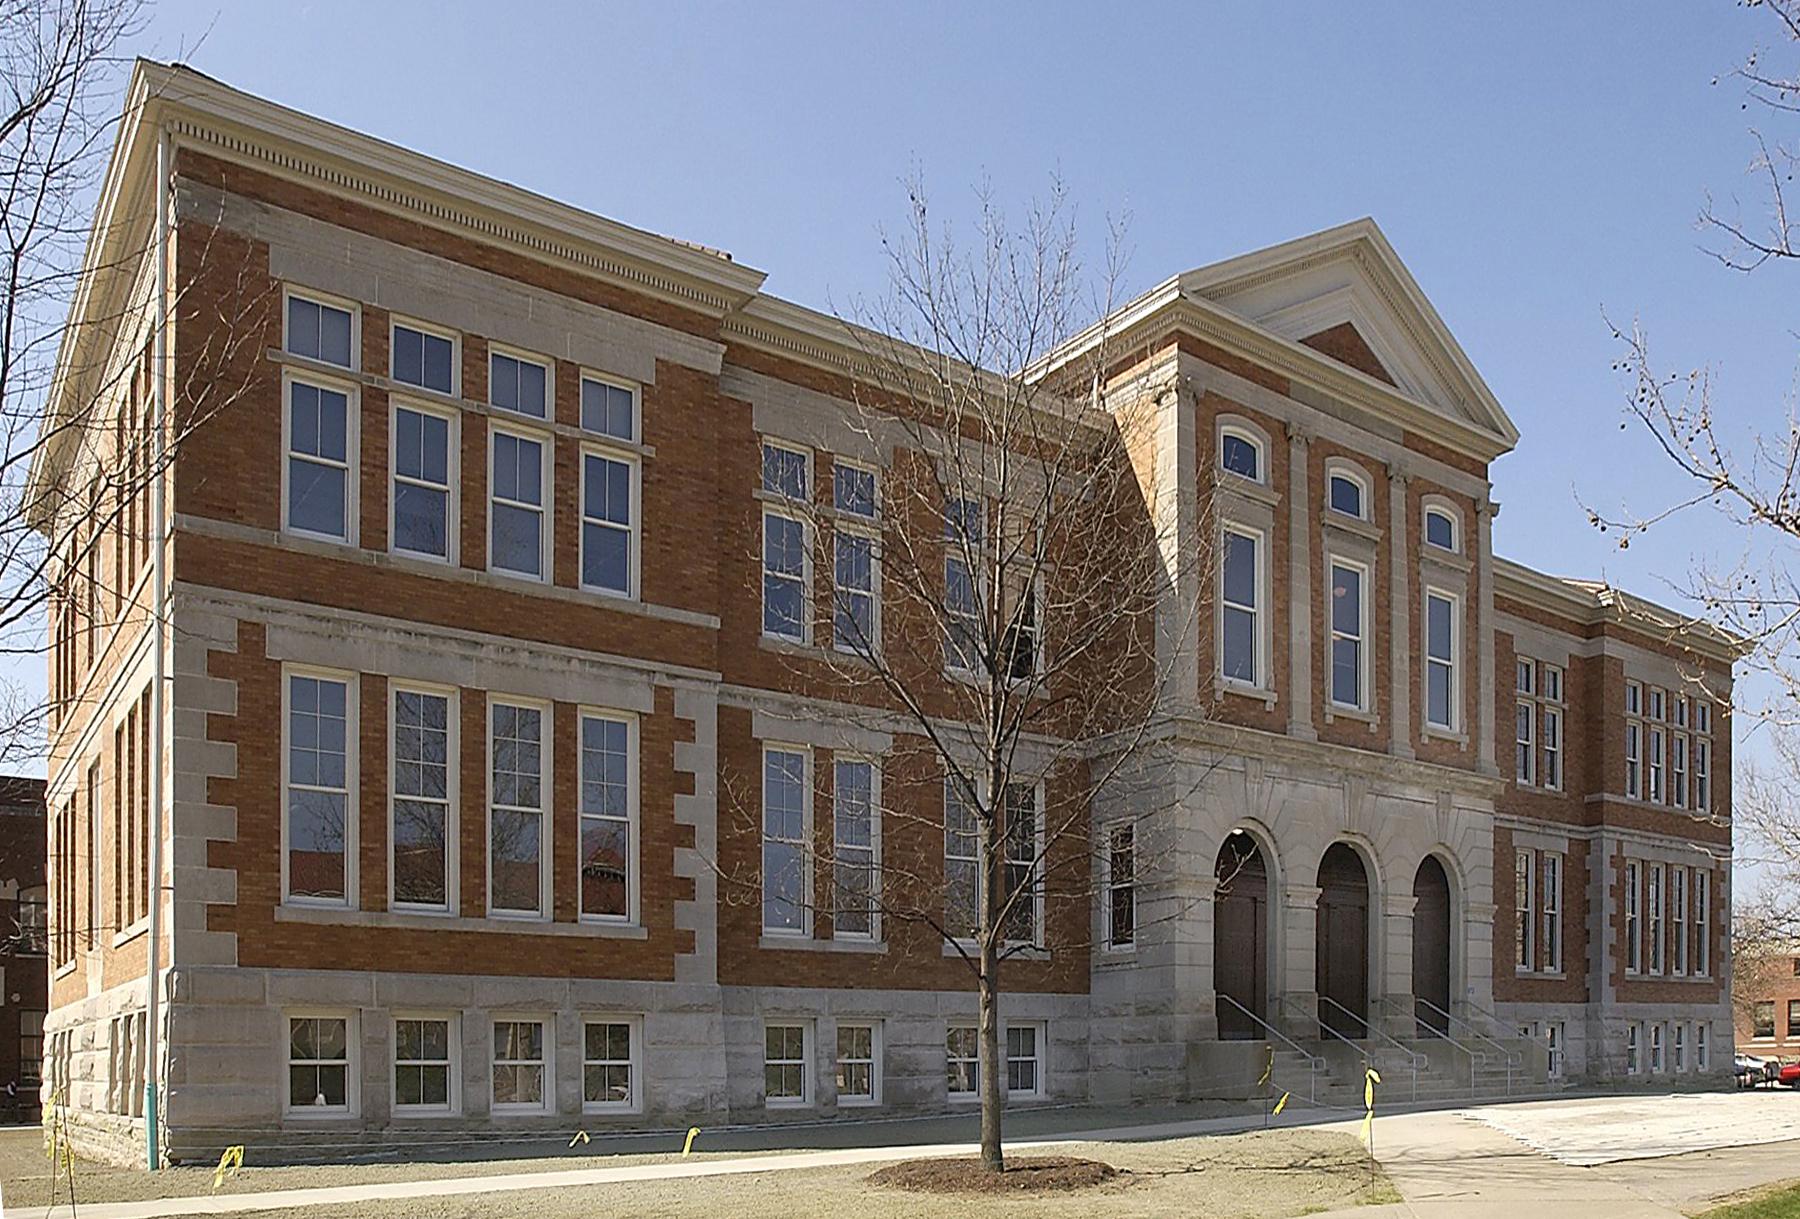 Original building of Purdue School of Agriculture